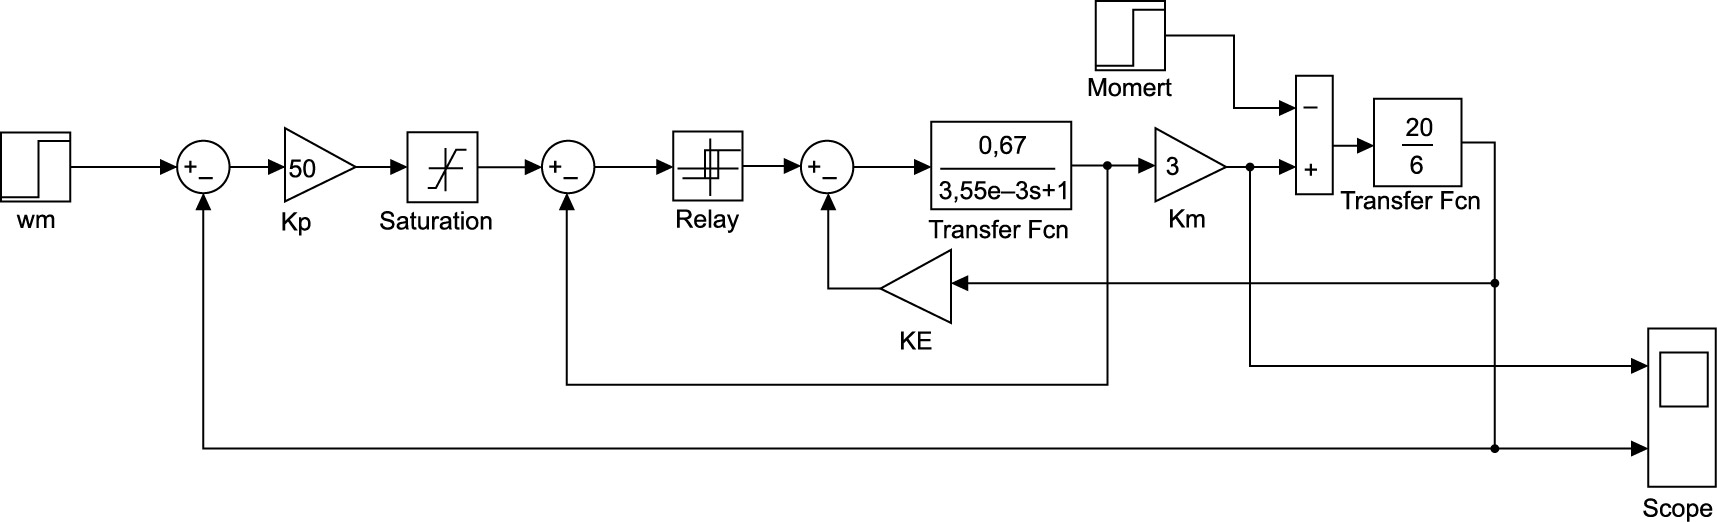 Модель электропривода с эквивалентным МДПТ